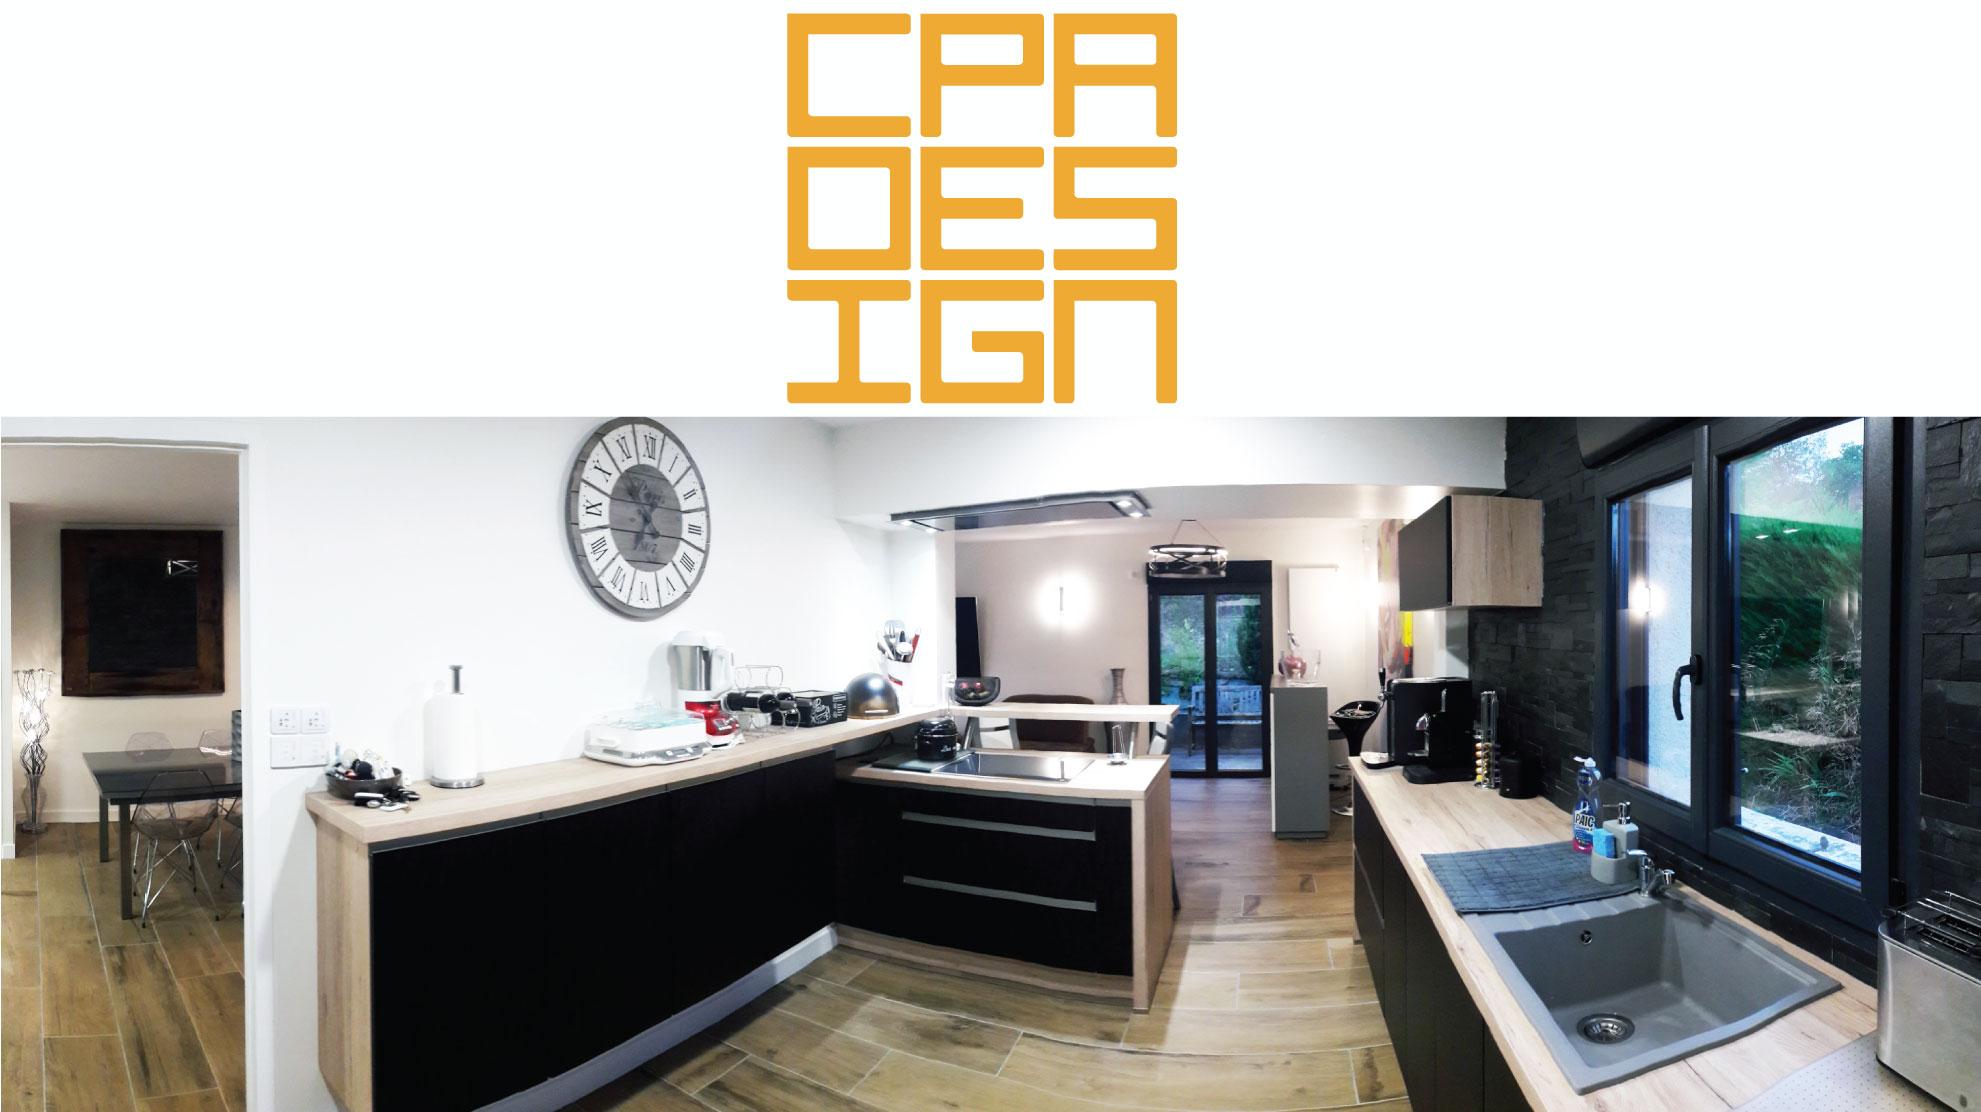 c_pa_design_produit_design_mobilier_realisation_architecture-interieure-chantier-suivi-artisans